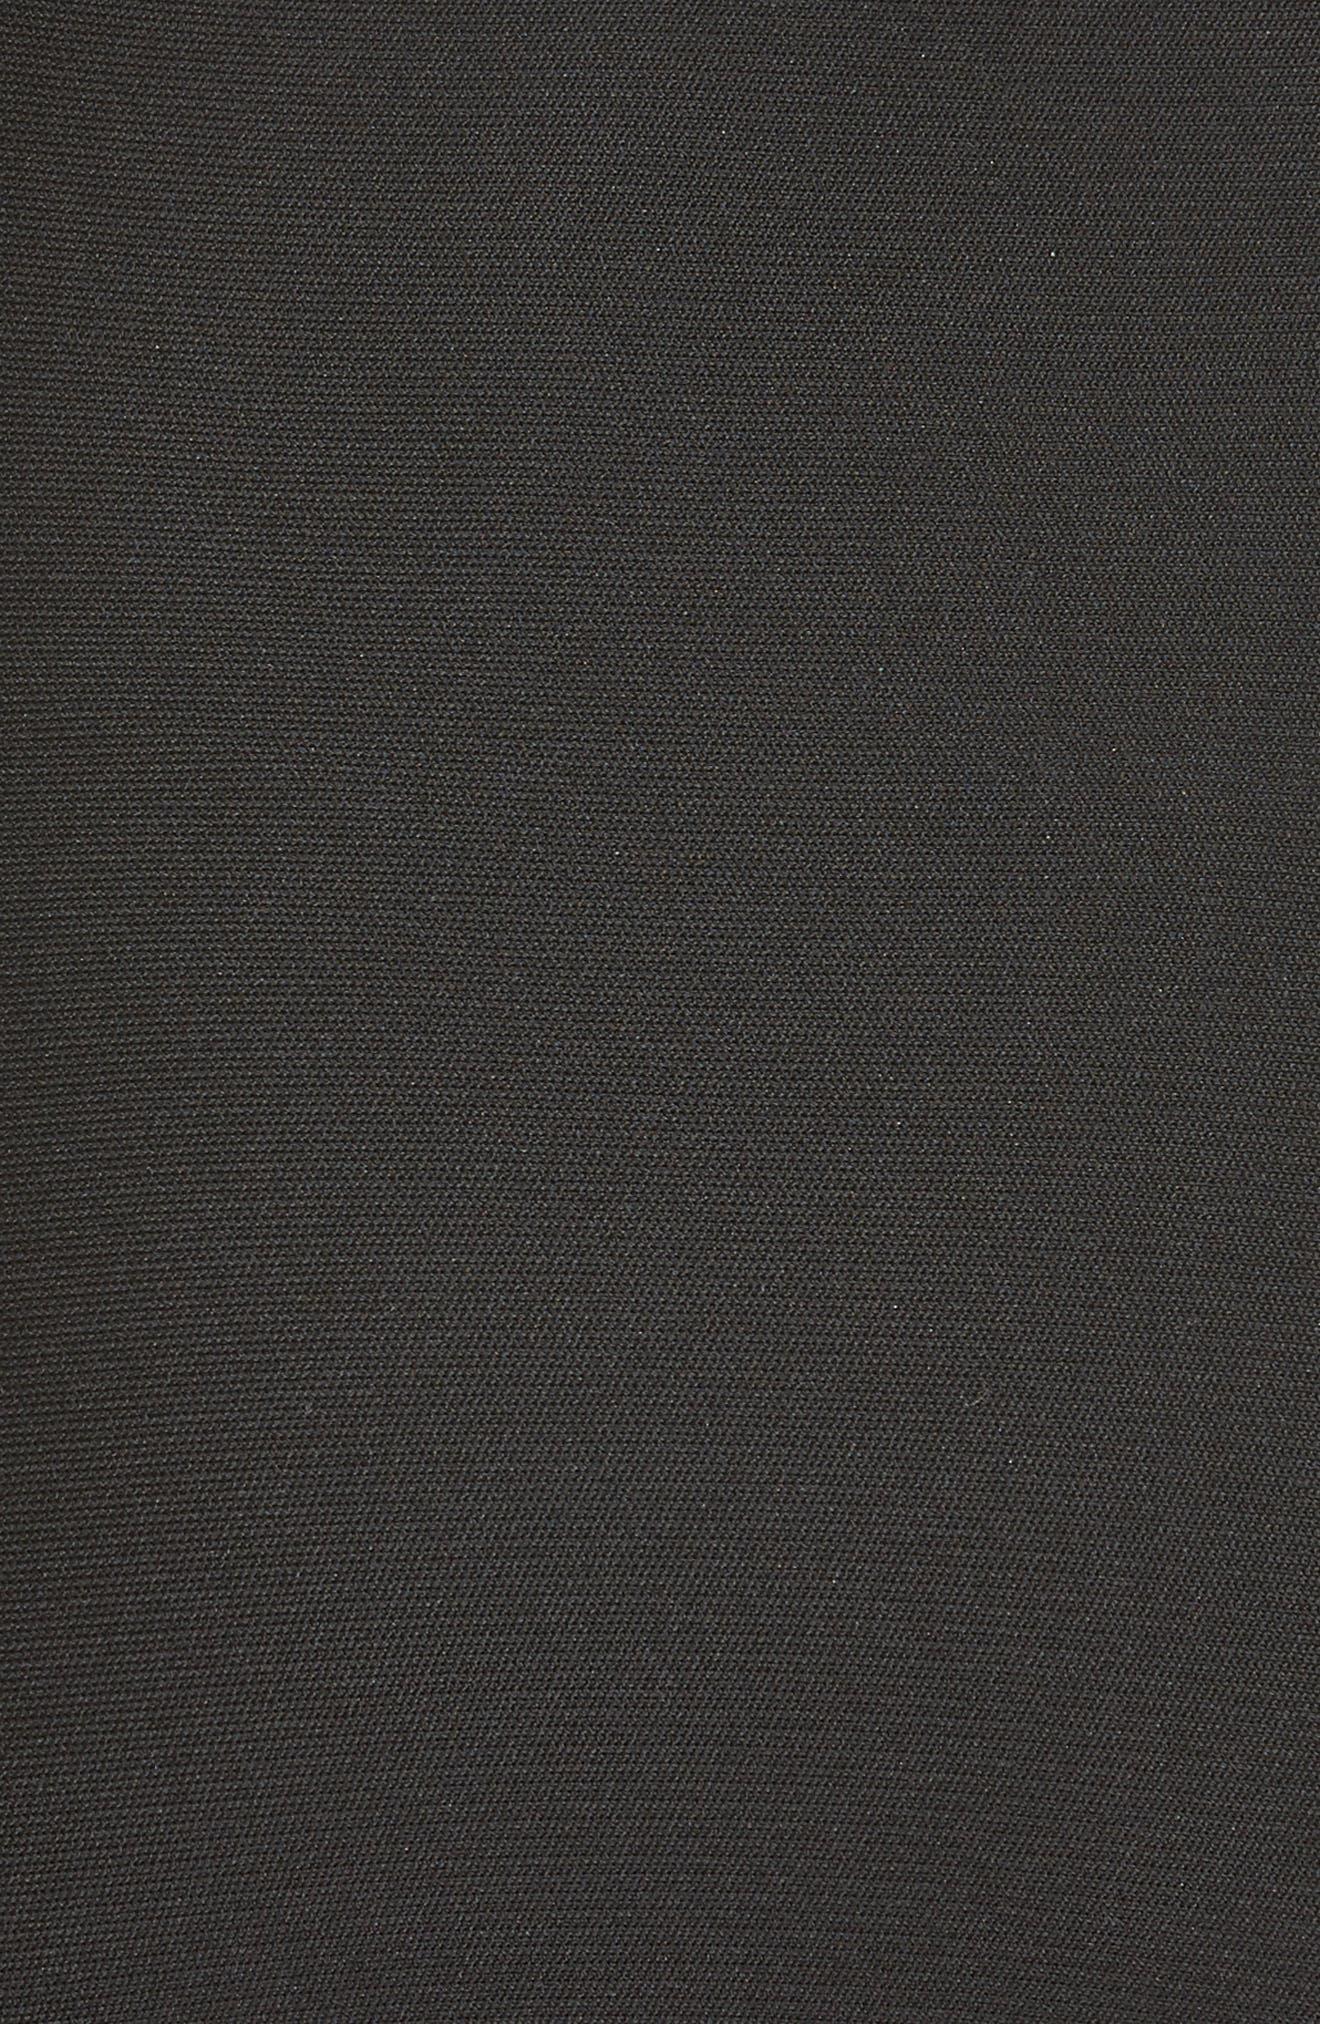 Alternate Image 3  - Alexander Wang Knotted Fringe Knit Dress